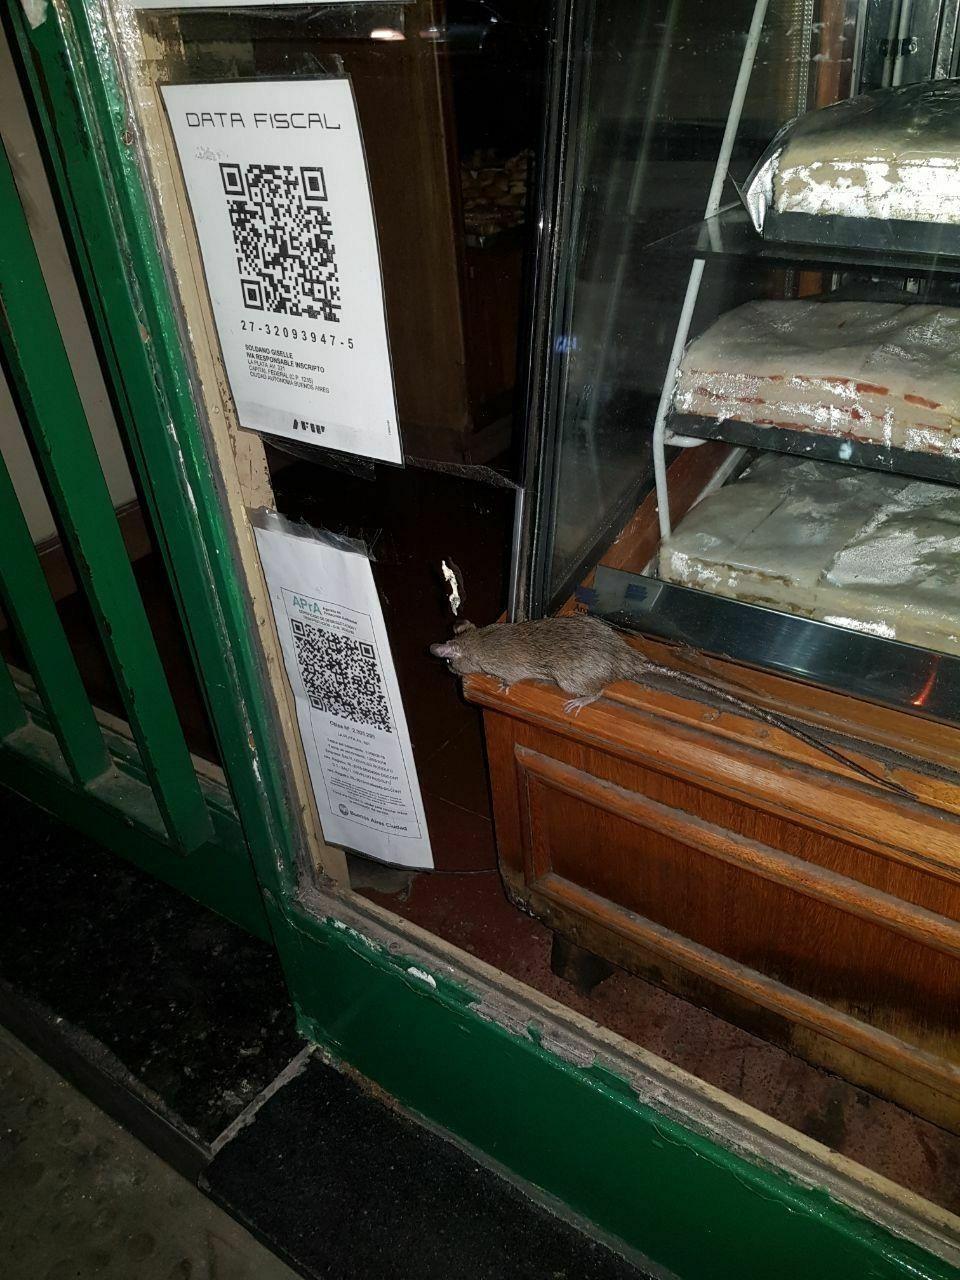 Dos ratas se pasean por una panadería en Caballito